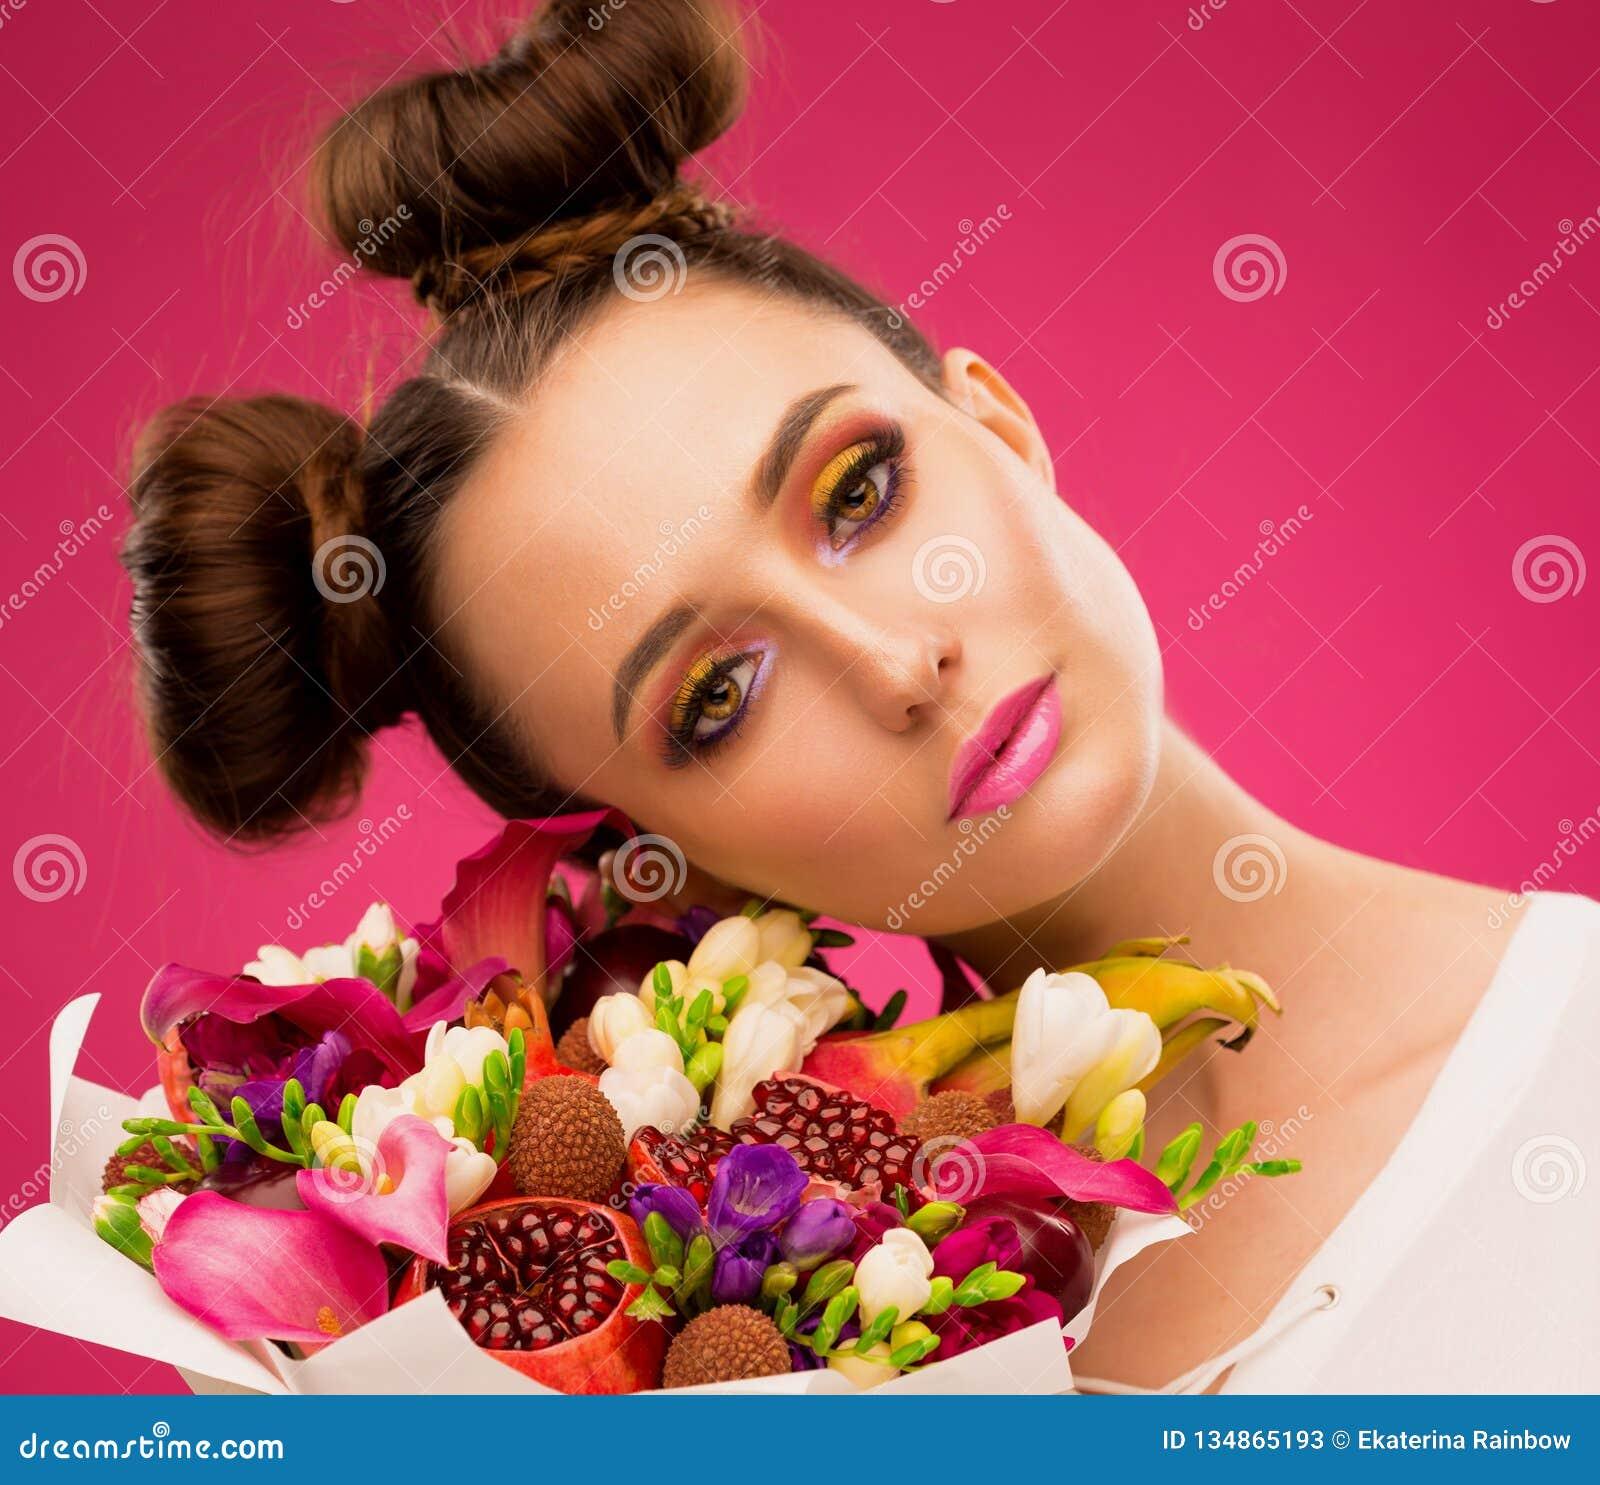 Face woman, fruit bouquet, pink